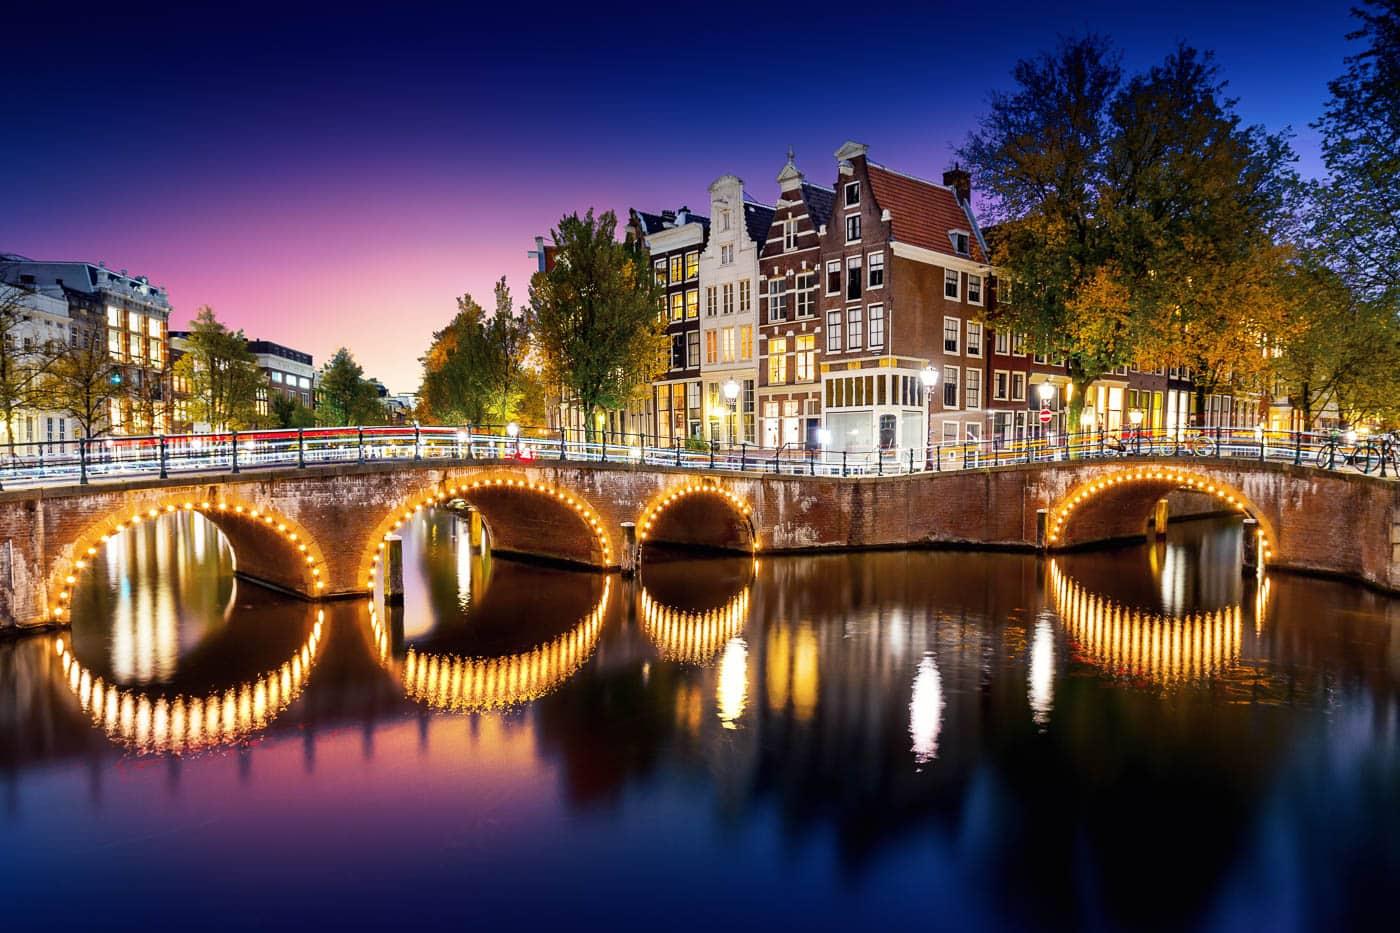 Beleuchtete Brücken an der Keizersgracht in Amsterdam, Niederlande, Nachtaufnahme